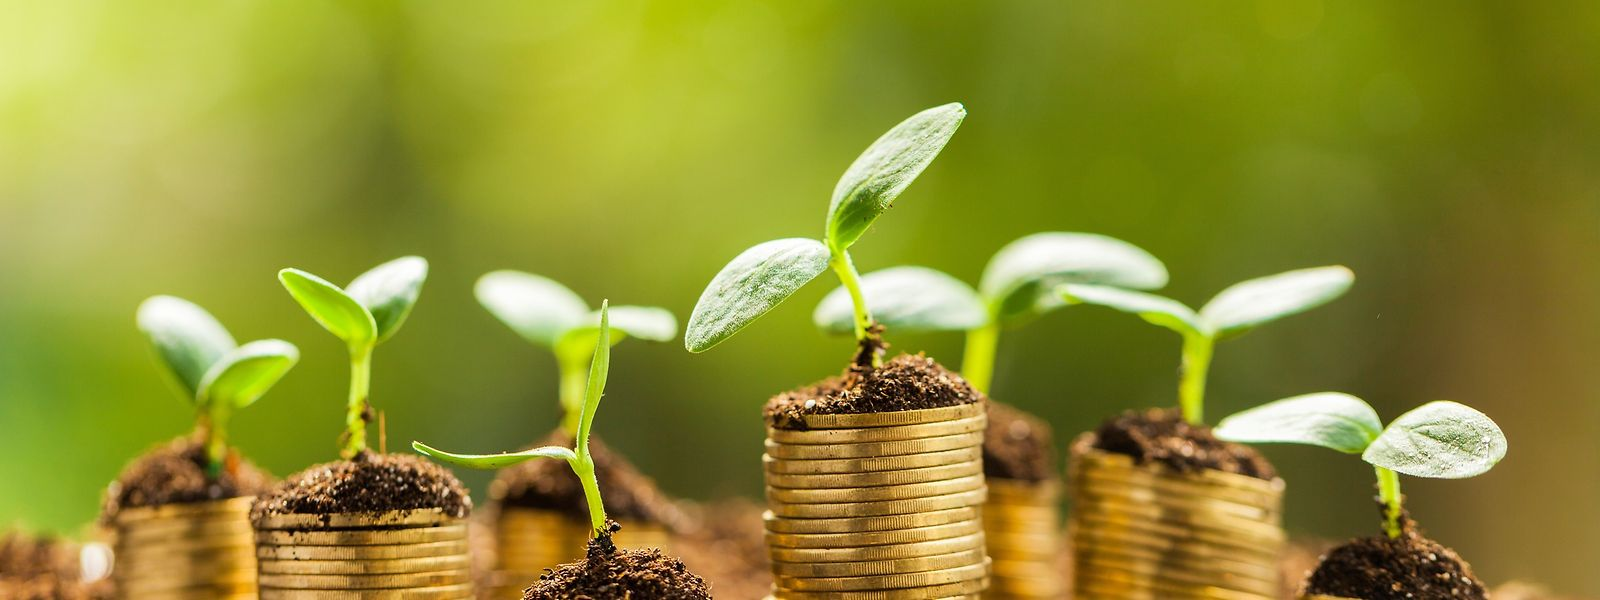 Im Jahr 2019 investierte der Pensionsfonds rund 330 Millionen Euro, etwa 1,6 Prozent des gesamten Investitionsvolumens, in nachhaltige Projekte.